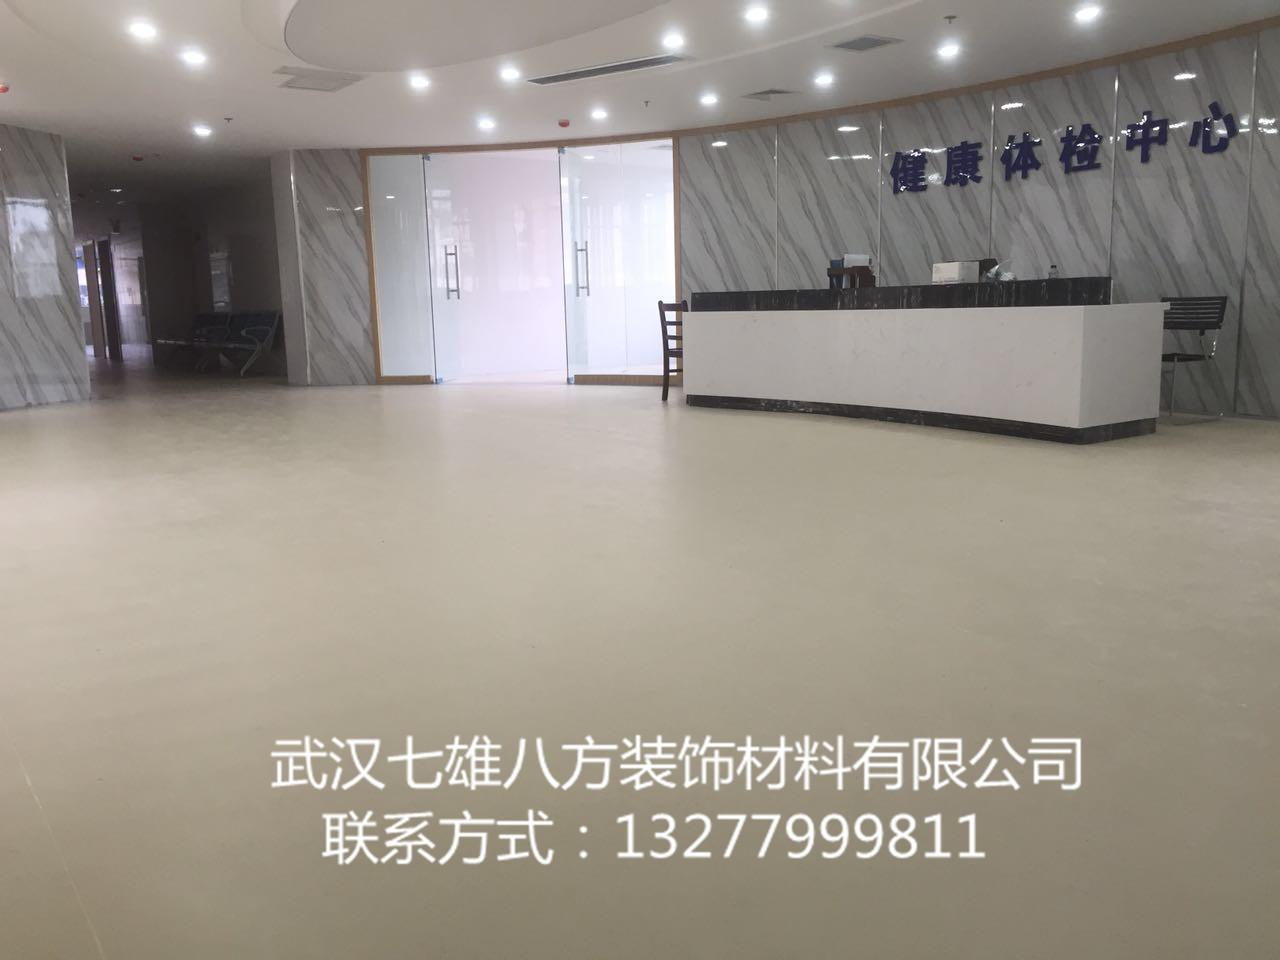 应城疾控中心